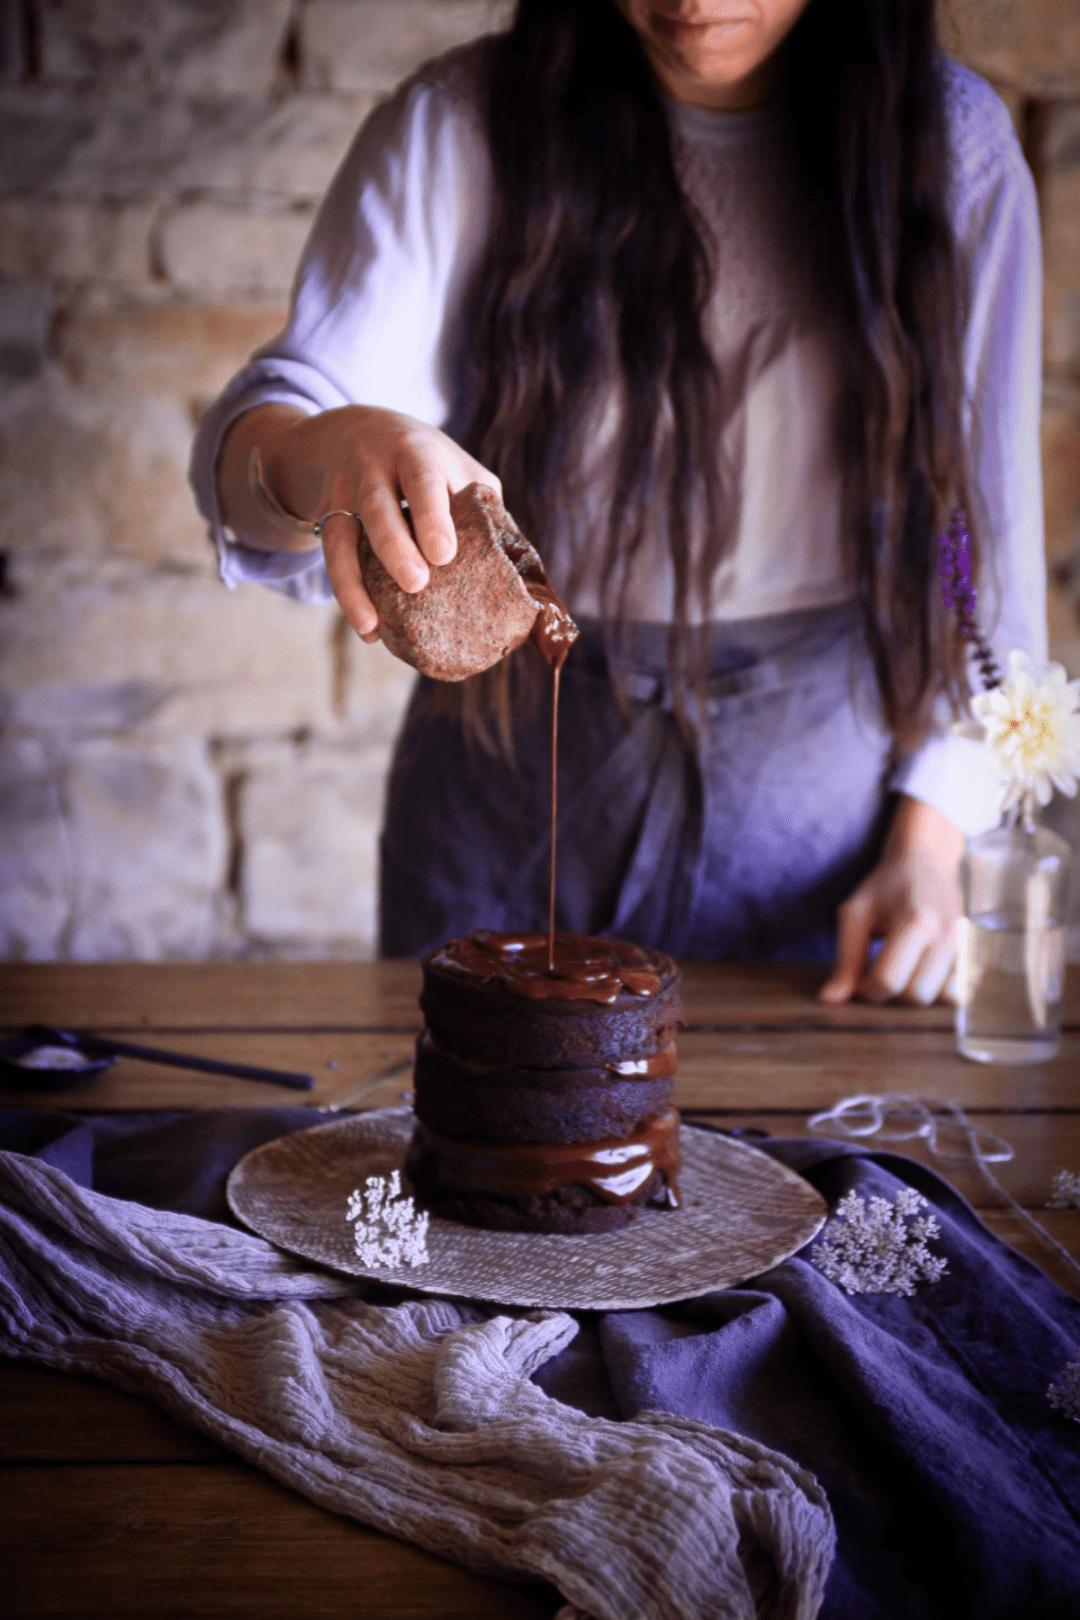 Chocolade breakfast rolls ontbijt taart hazelnootchocolade goestjes jozefien ryckx